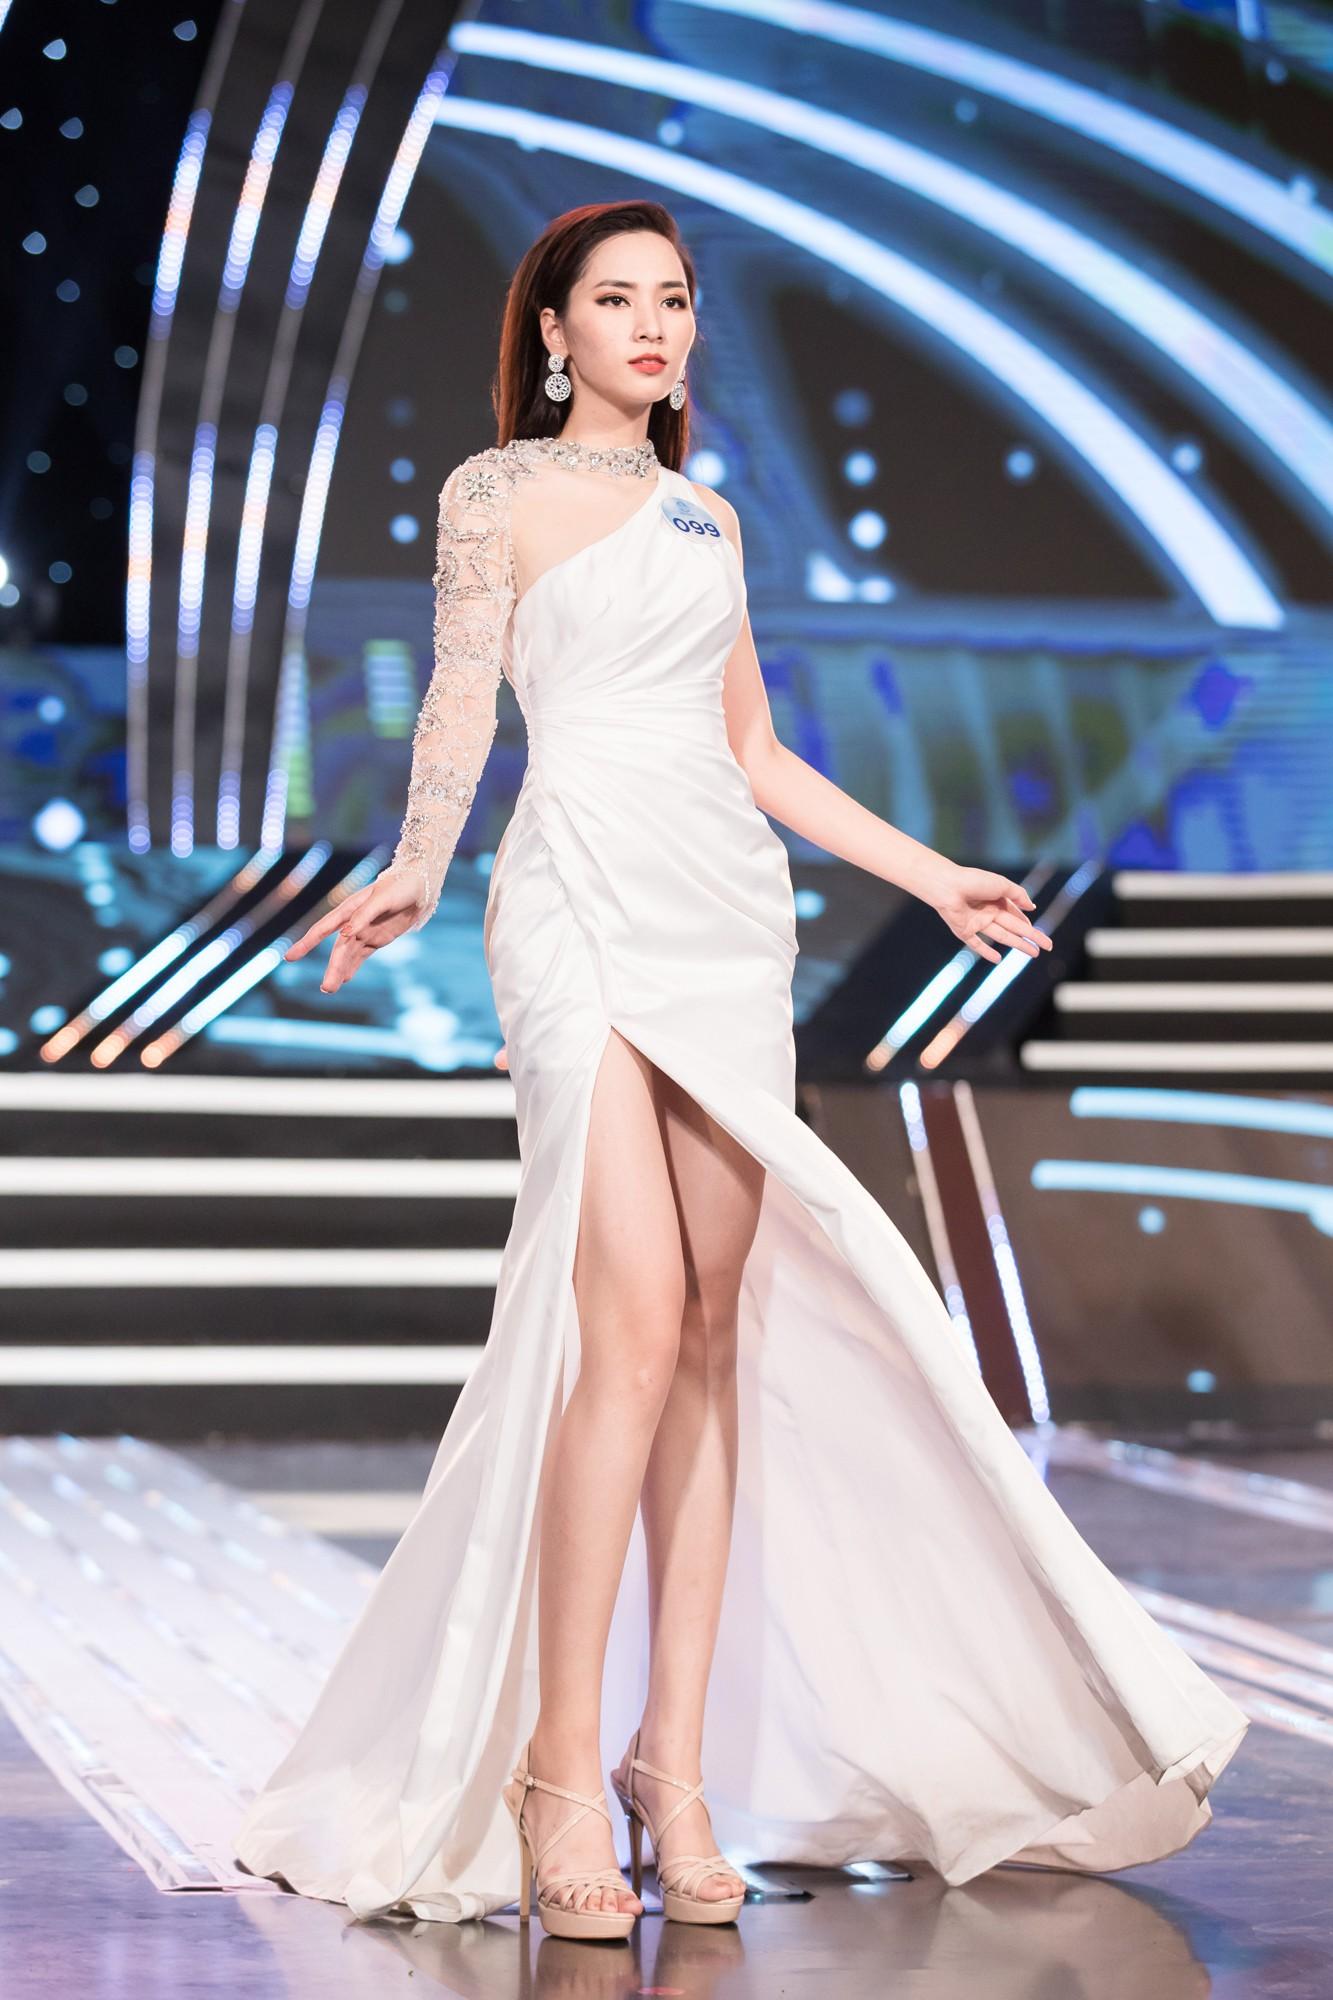 Chính thức lộ diện 20 chiến binh tiếp theo bước vào vòng chung kết Miss World Việt Nam 2019 - Ảnh 5.